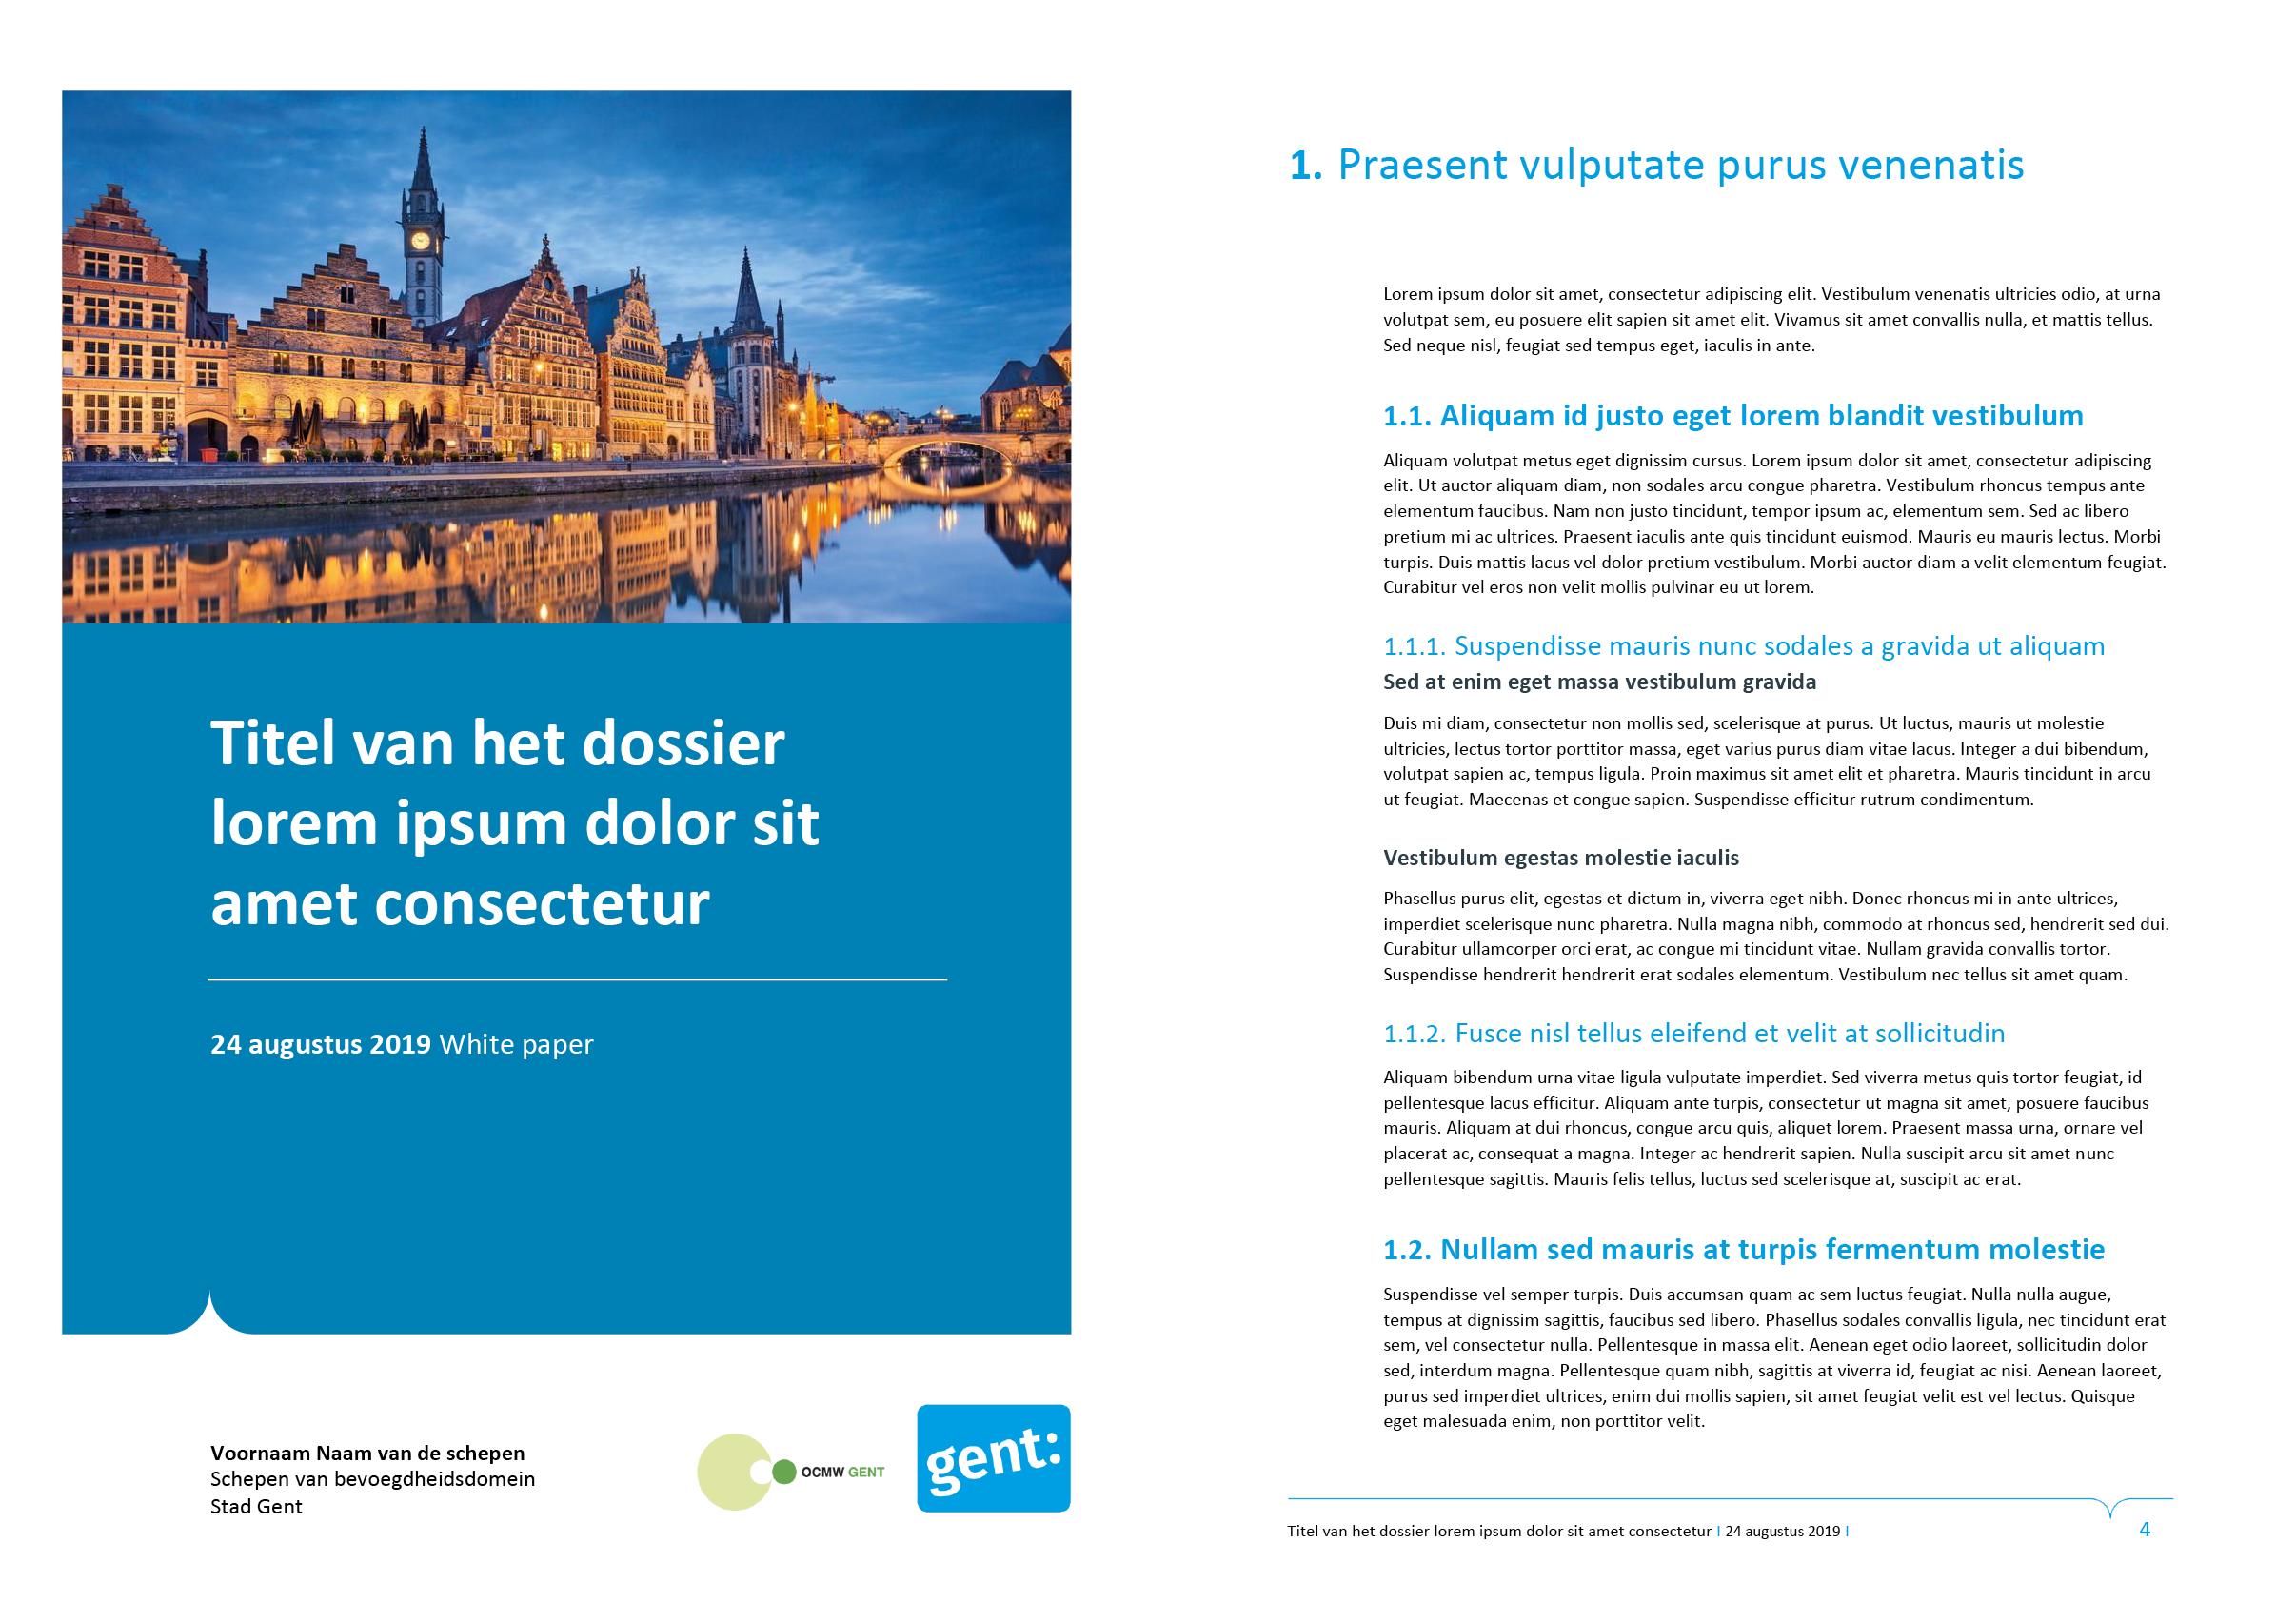 Dossier, gepersonaliseerd voor het submerk OCMW. Vierde voorblad-ontwerp en tekstpagina (ingevuld). Microsoft Word-sjabloon voor de Stad Gent.